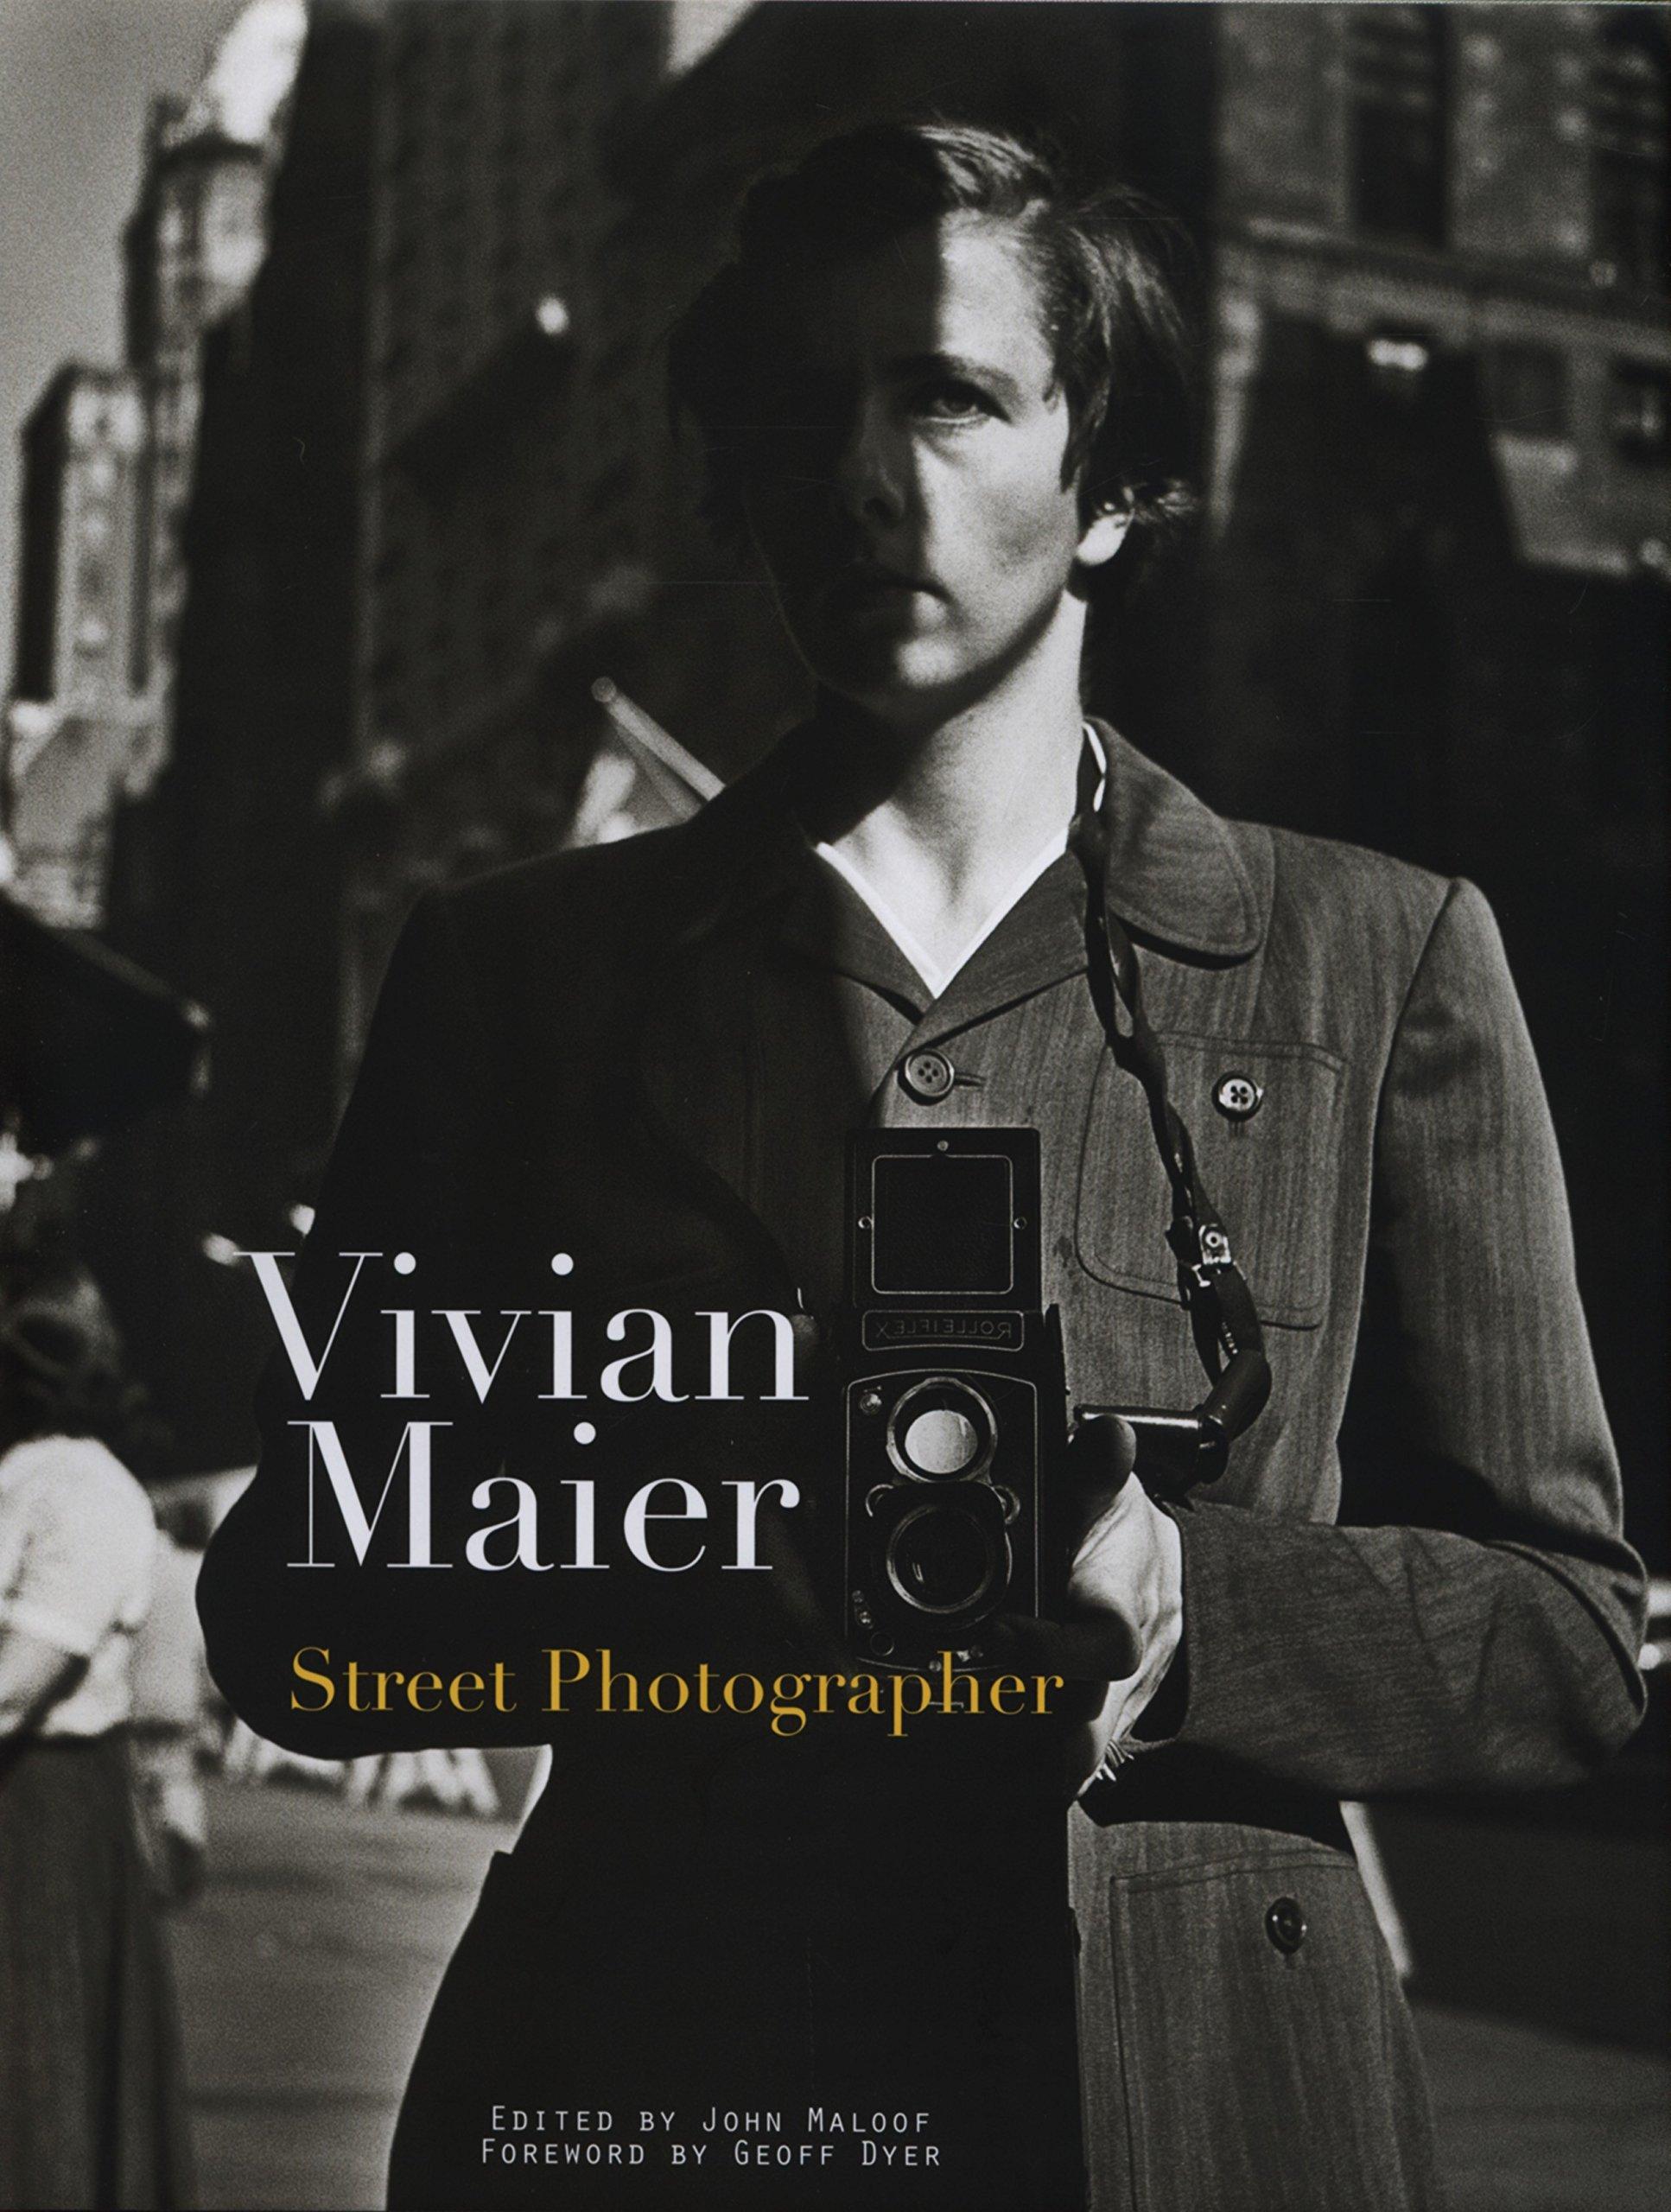 Books Vivian Maier Vivian Maier Street